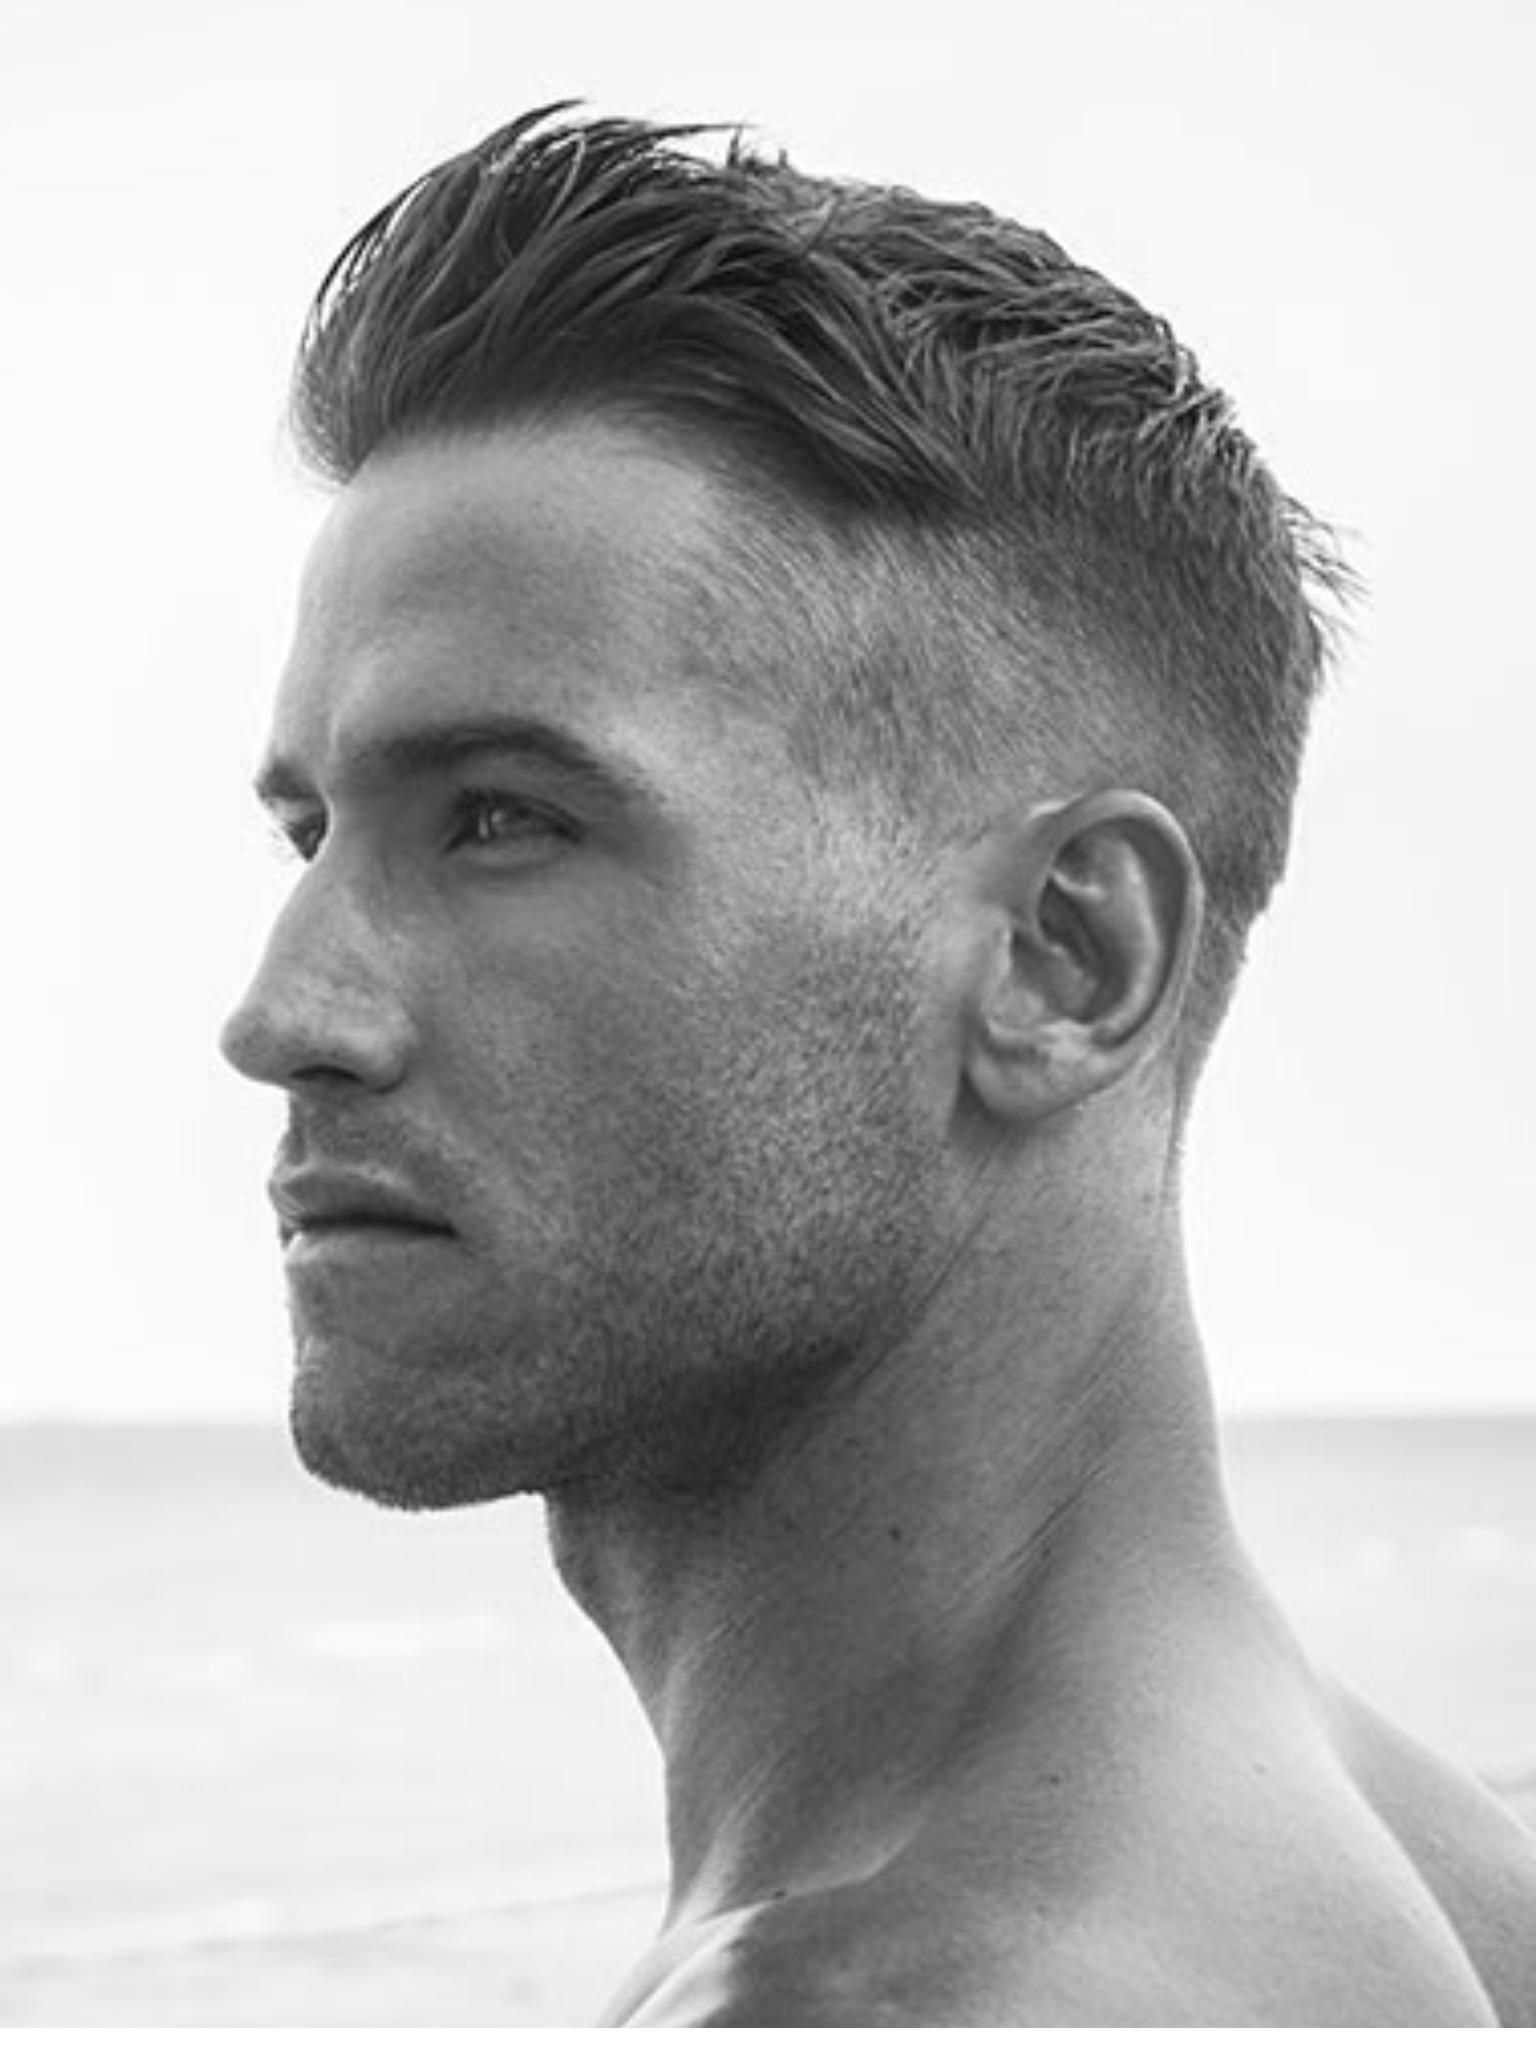 Short Hairstyles Men 2017 2018 Women And Trend Fashion Beauty And Health Blog Hair Tintiri Com Hair Tintiri Com 2020 Erkek Sac Modelleri Kalin Saclar Ve Erkek Sac Kesimleri